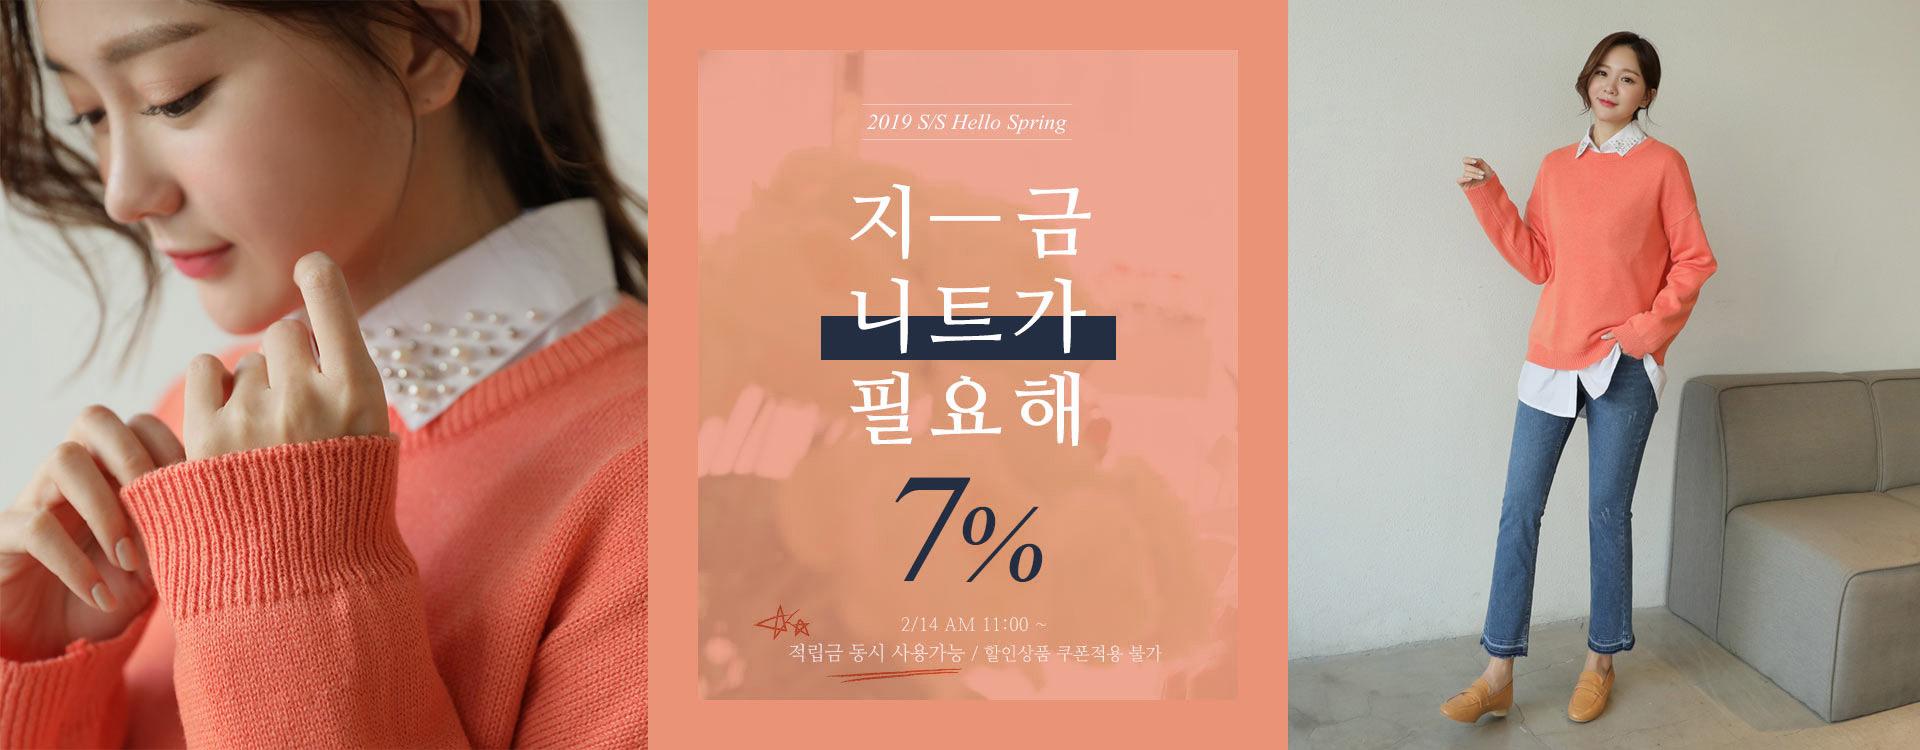 니트 7%